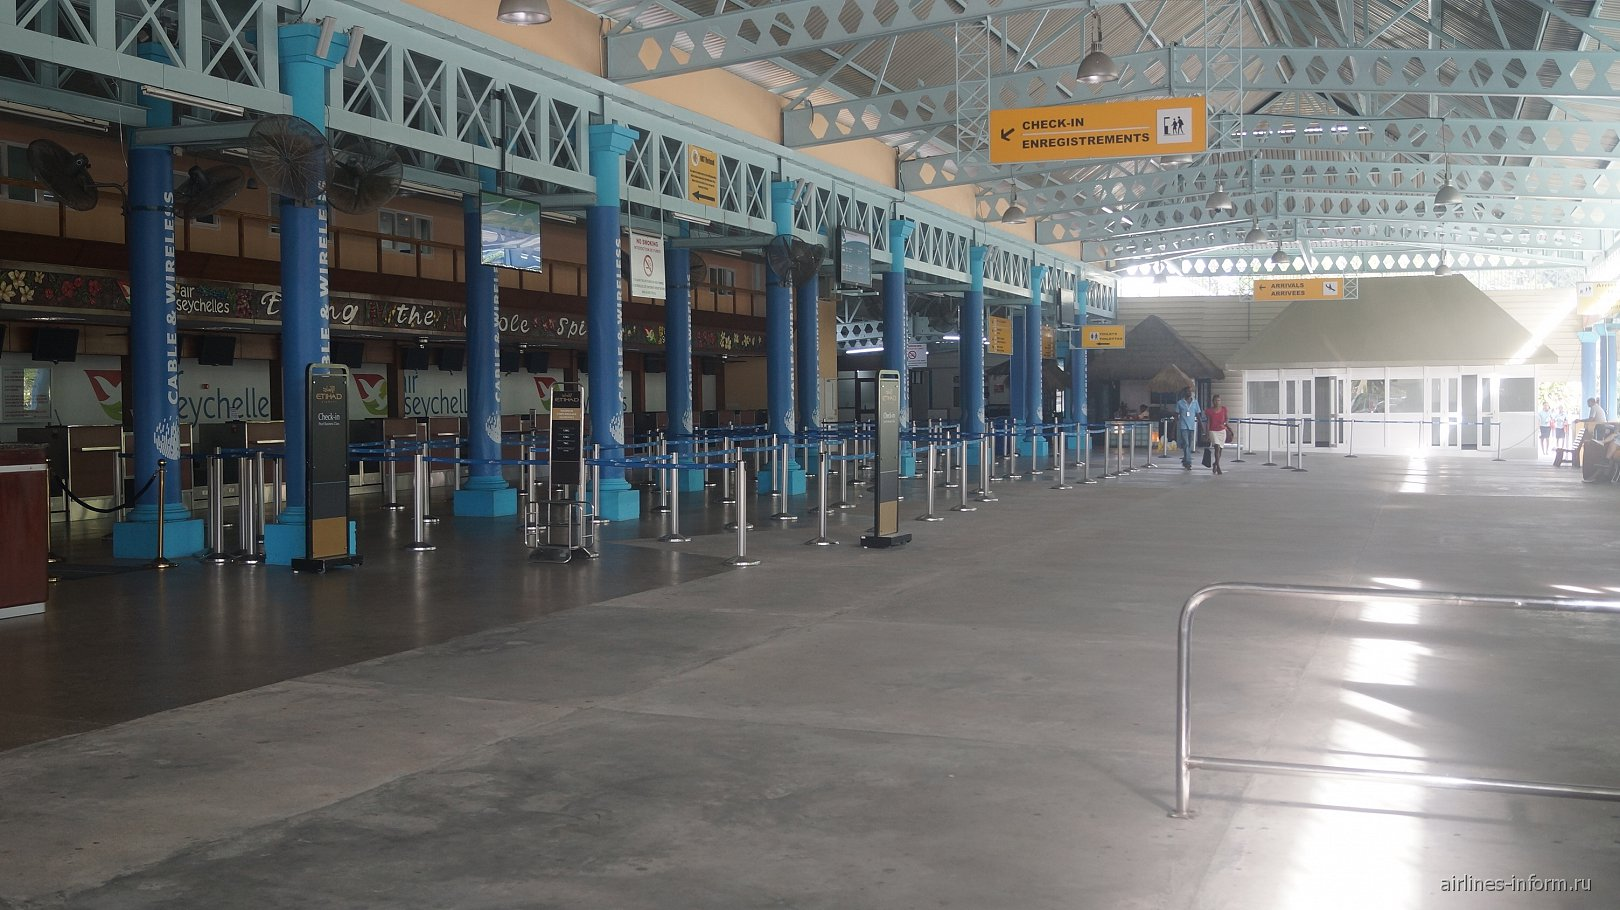 Зал регистрации на рейсы в Международном аэропорту Сейшельских островов